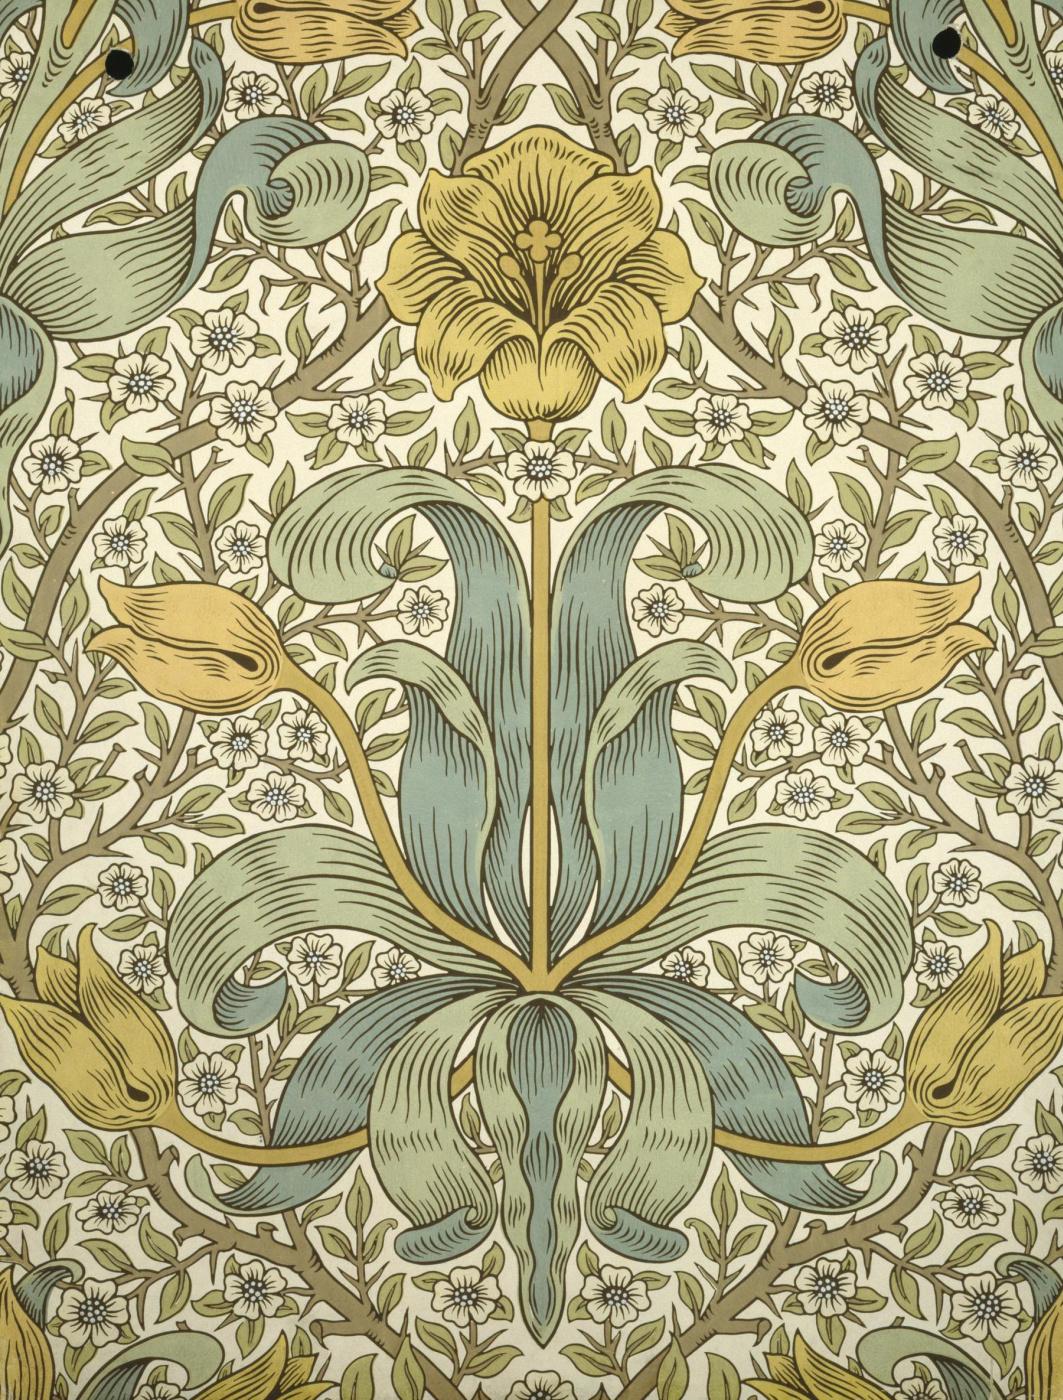 William Morris. Lily